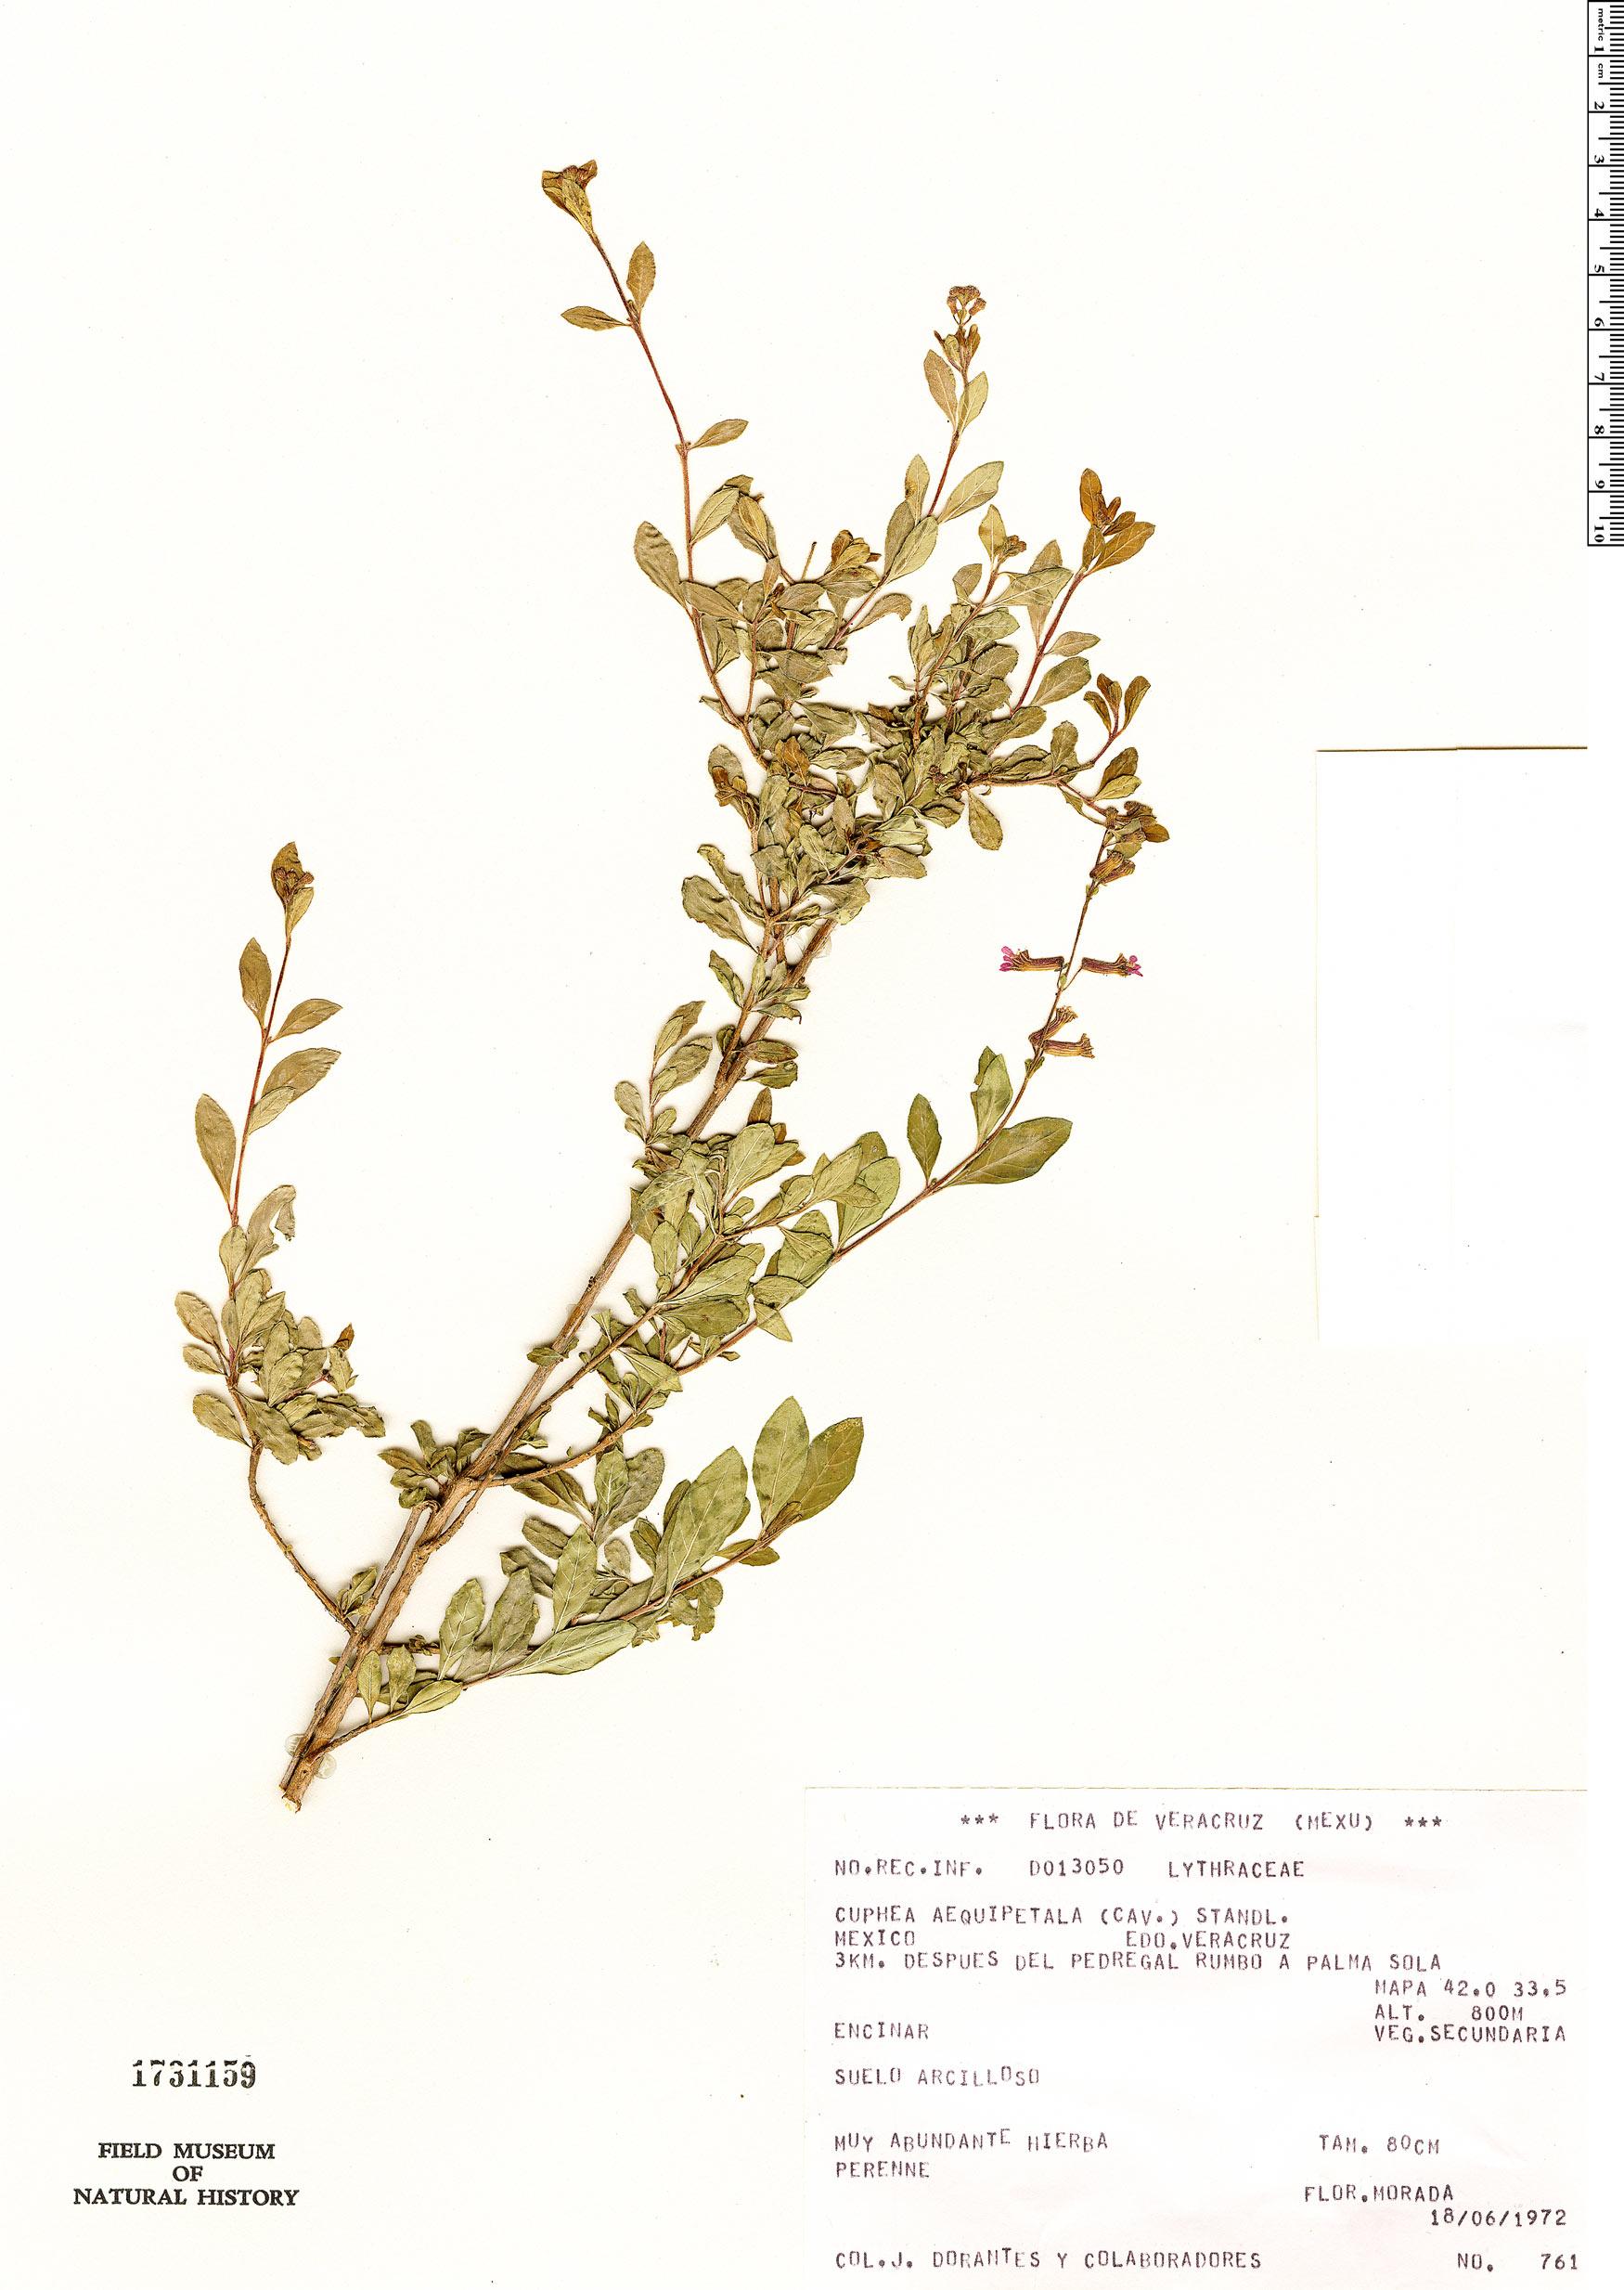 Specimen: Cuphea aequipetala